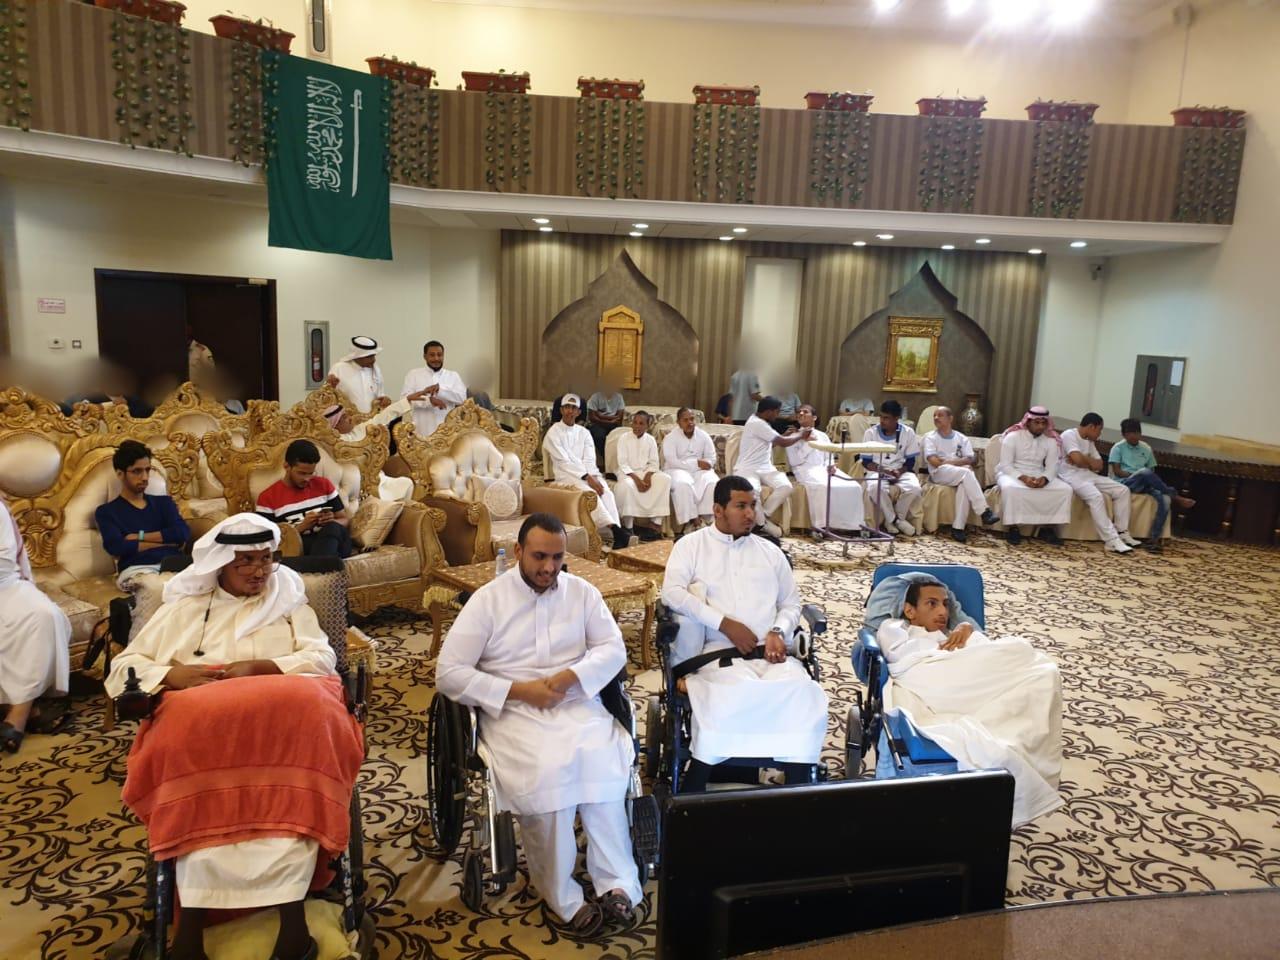 دار الملاحظة الاجتماعية بجازان يقيم برنامجاً ترفيهياً للنزلاء